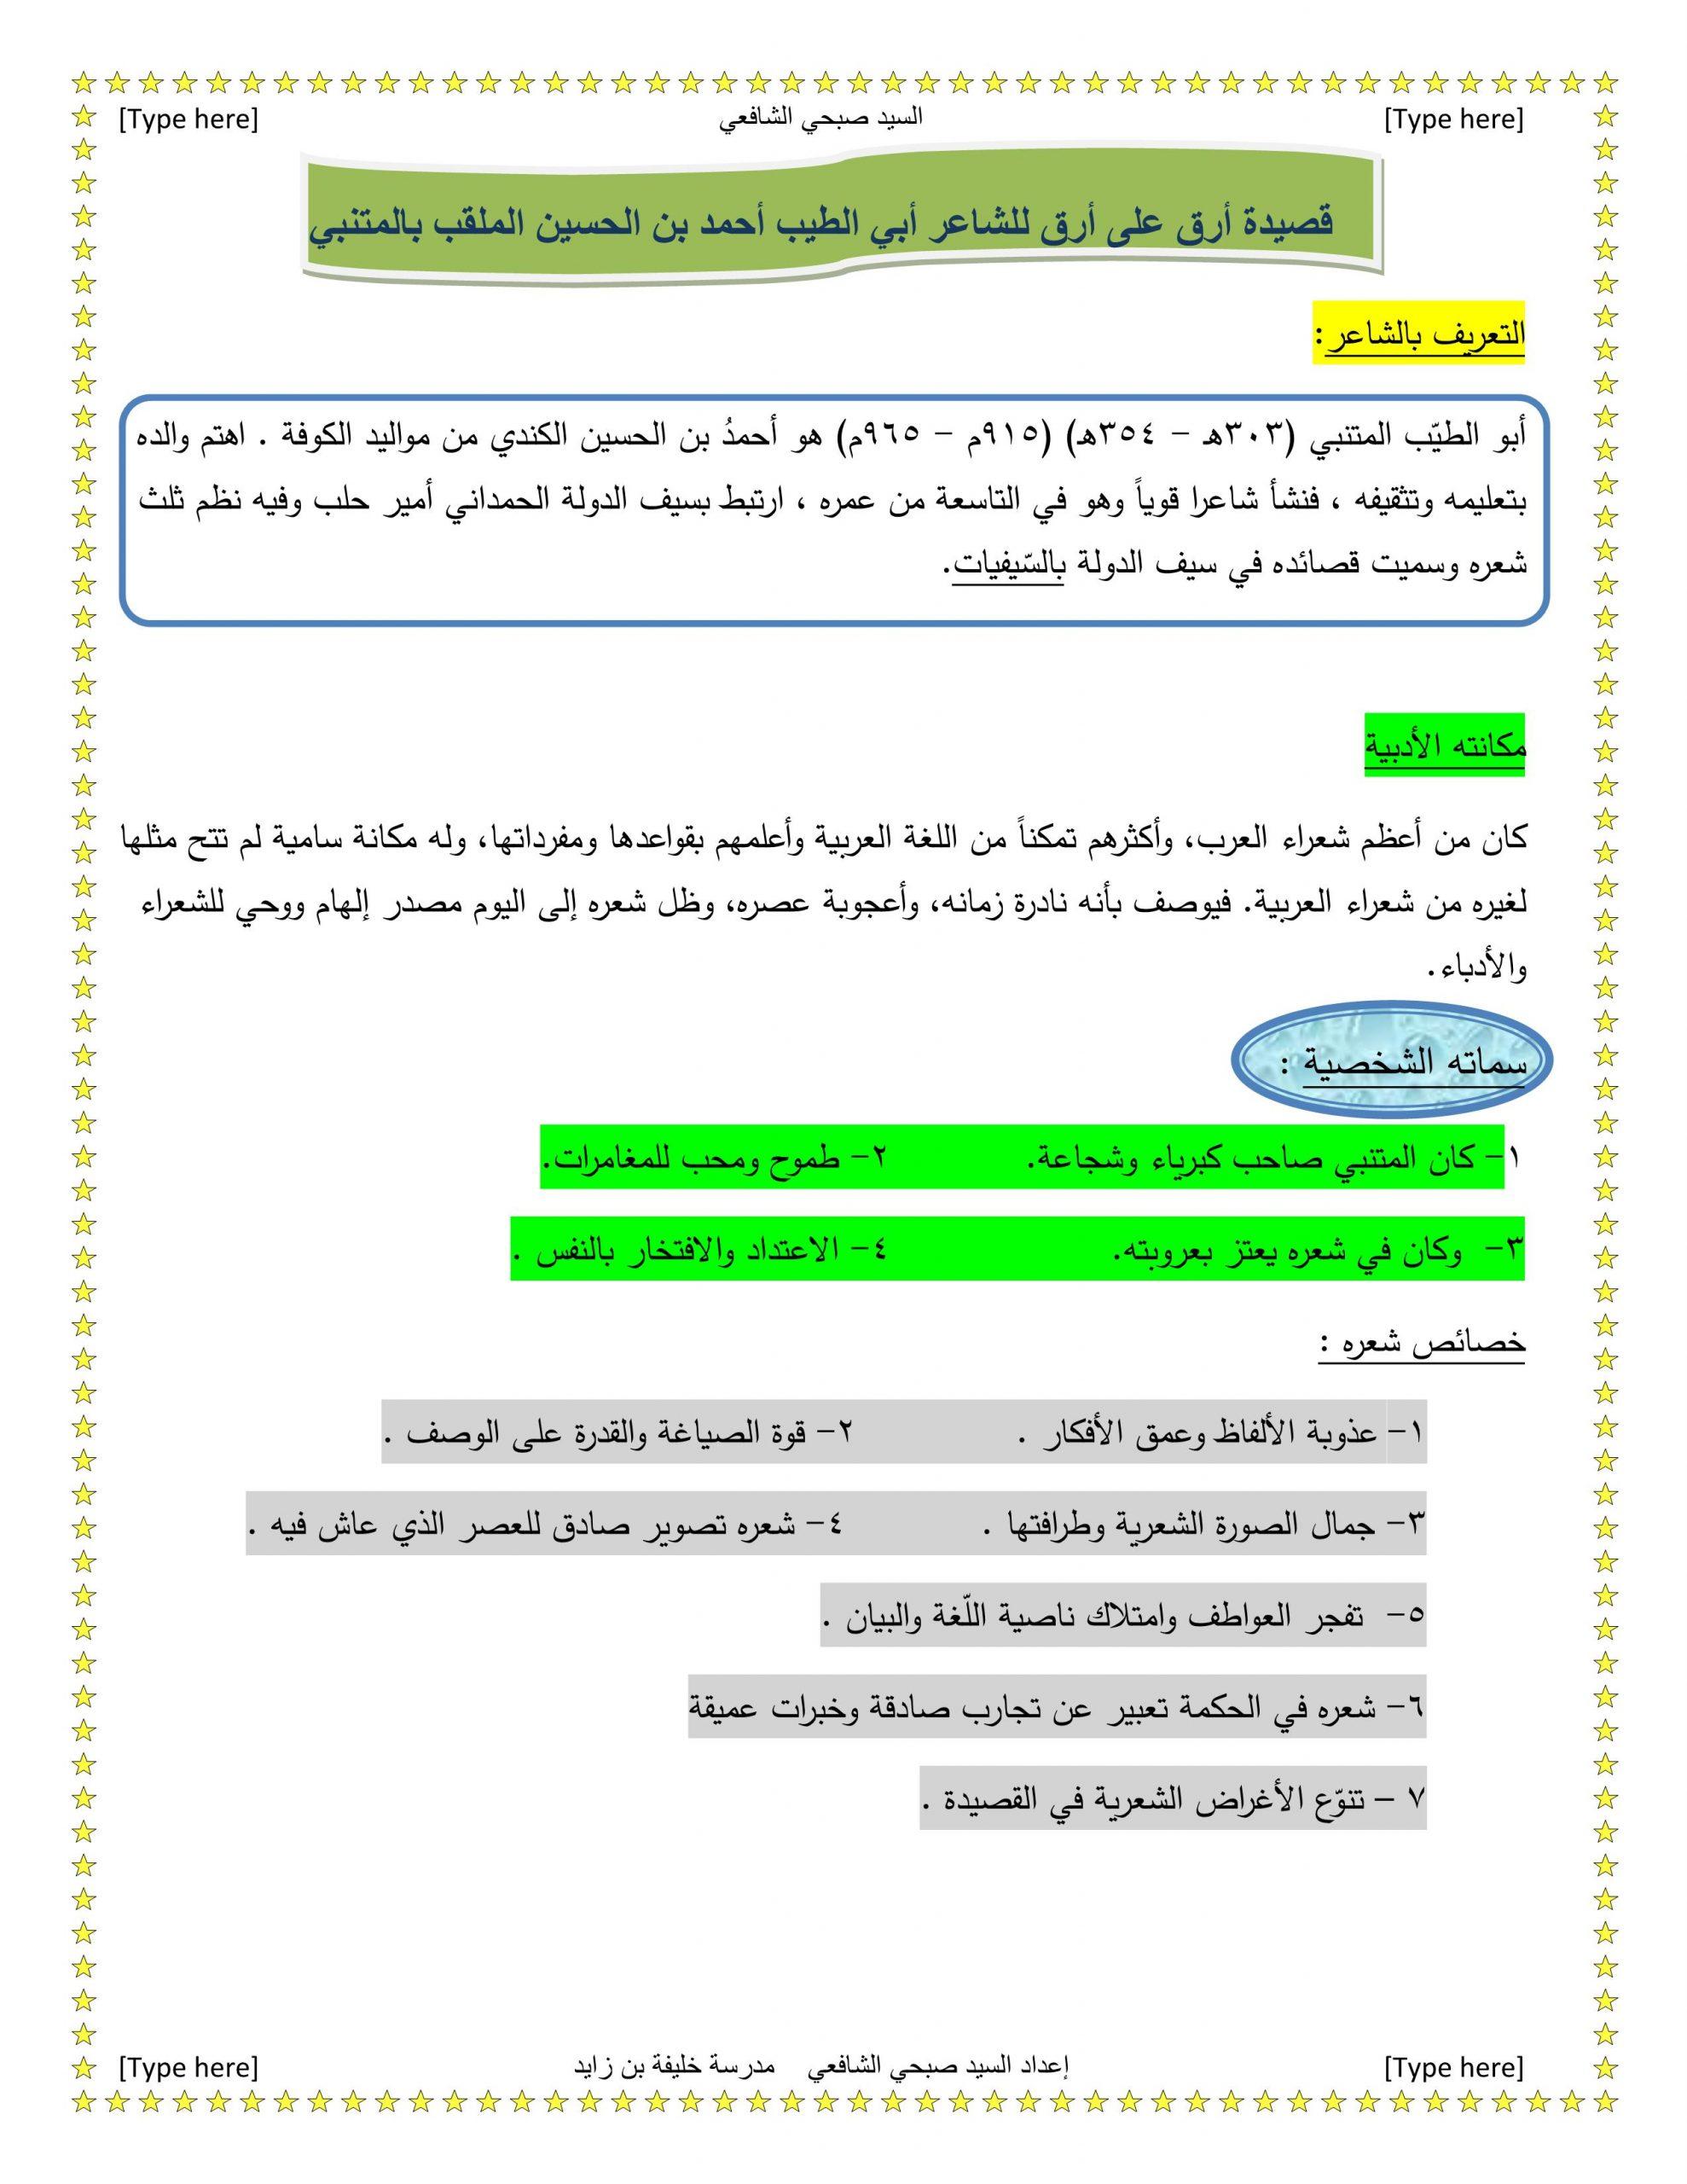 تحليل قصيدة ارق على ارق للصف الثاني عشر مادة اللغة العربية